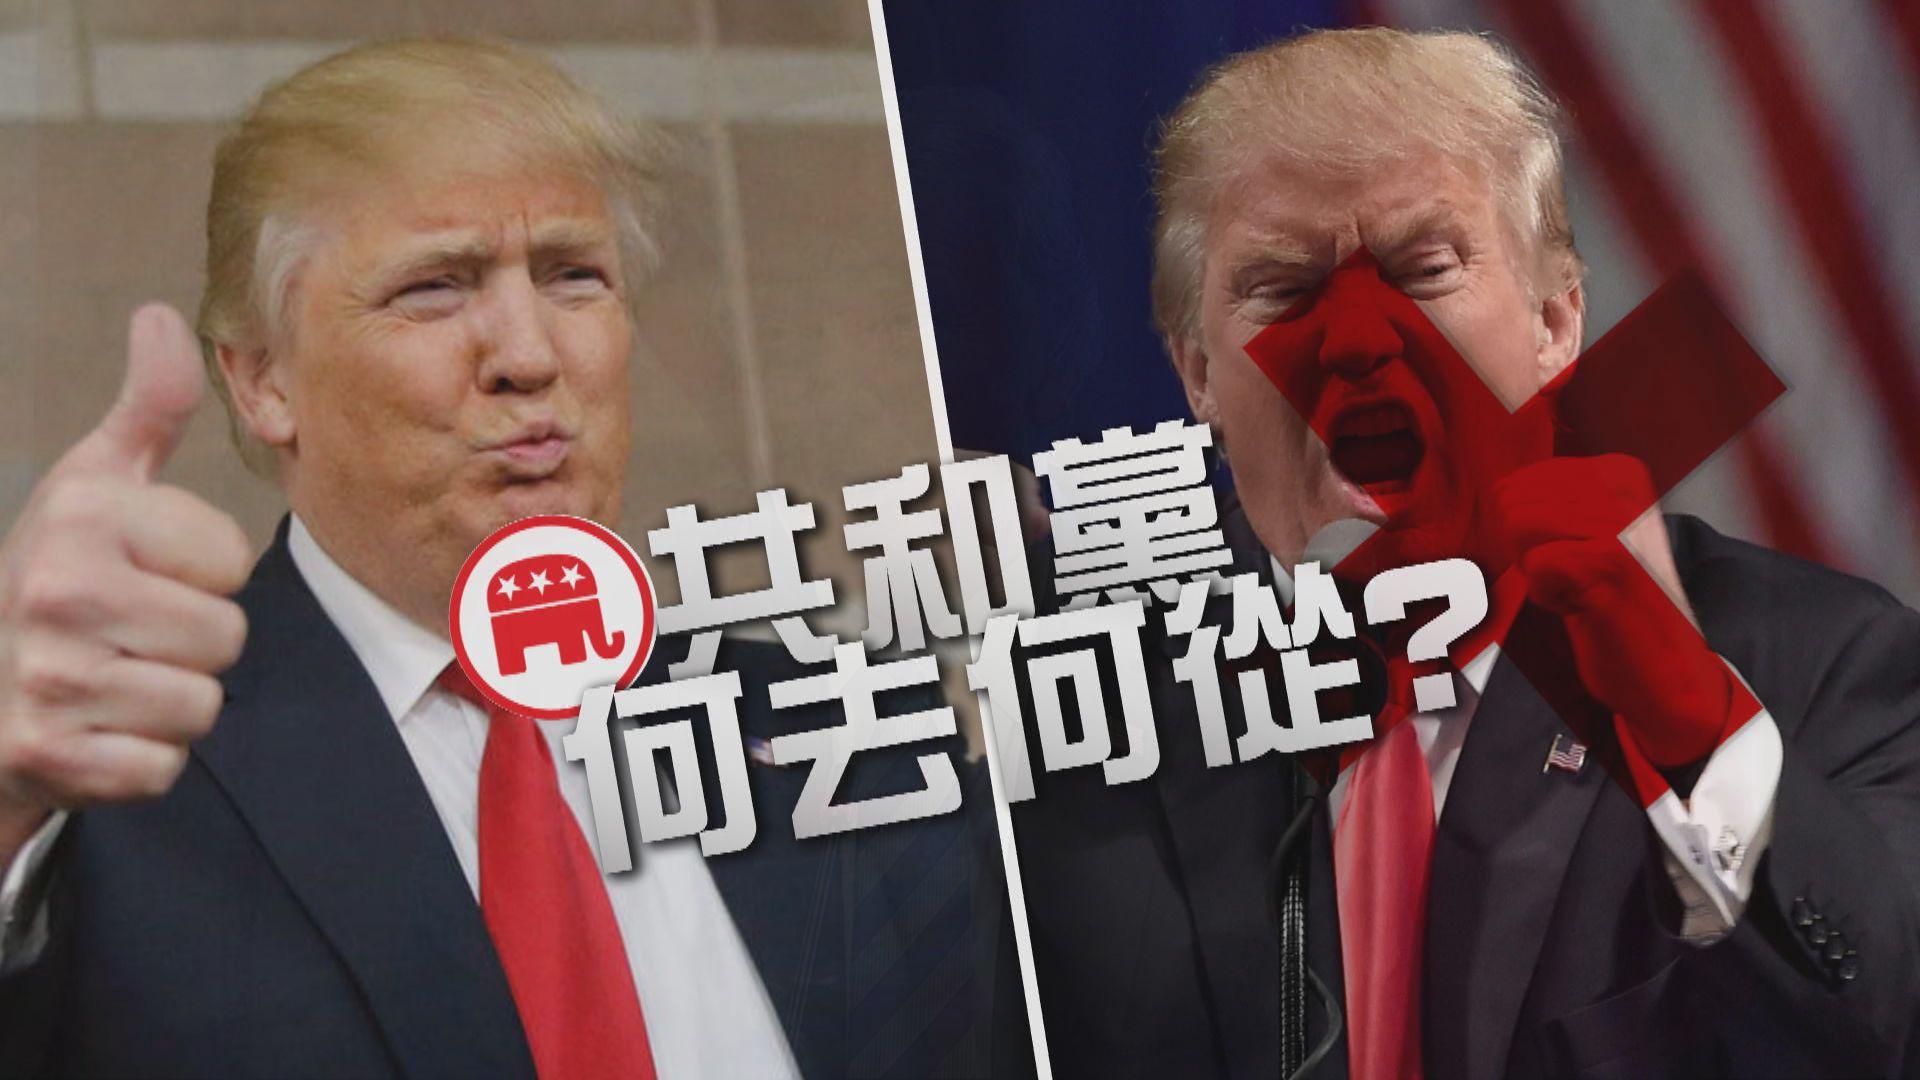 【新聞智庫】前員工及幕僚結盟 落廣告抗衡特朗普